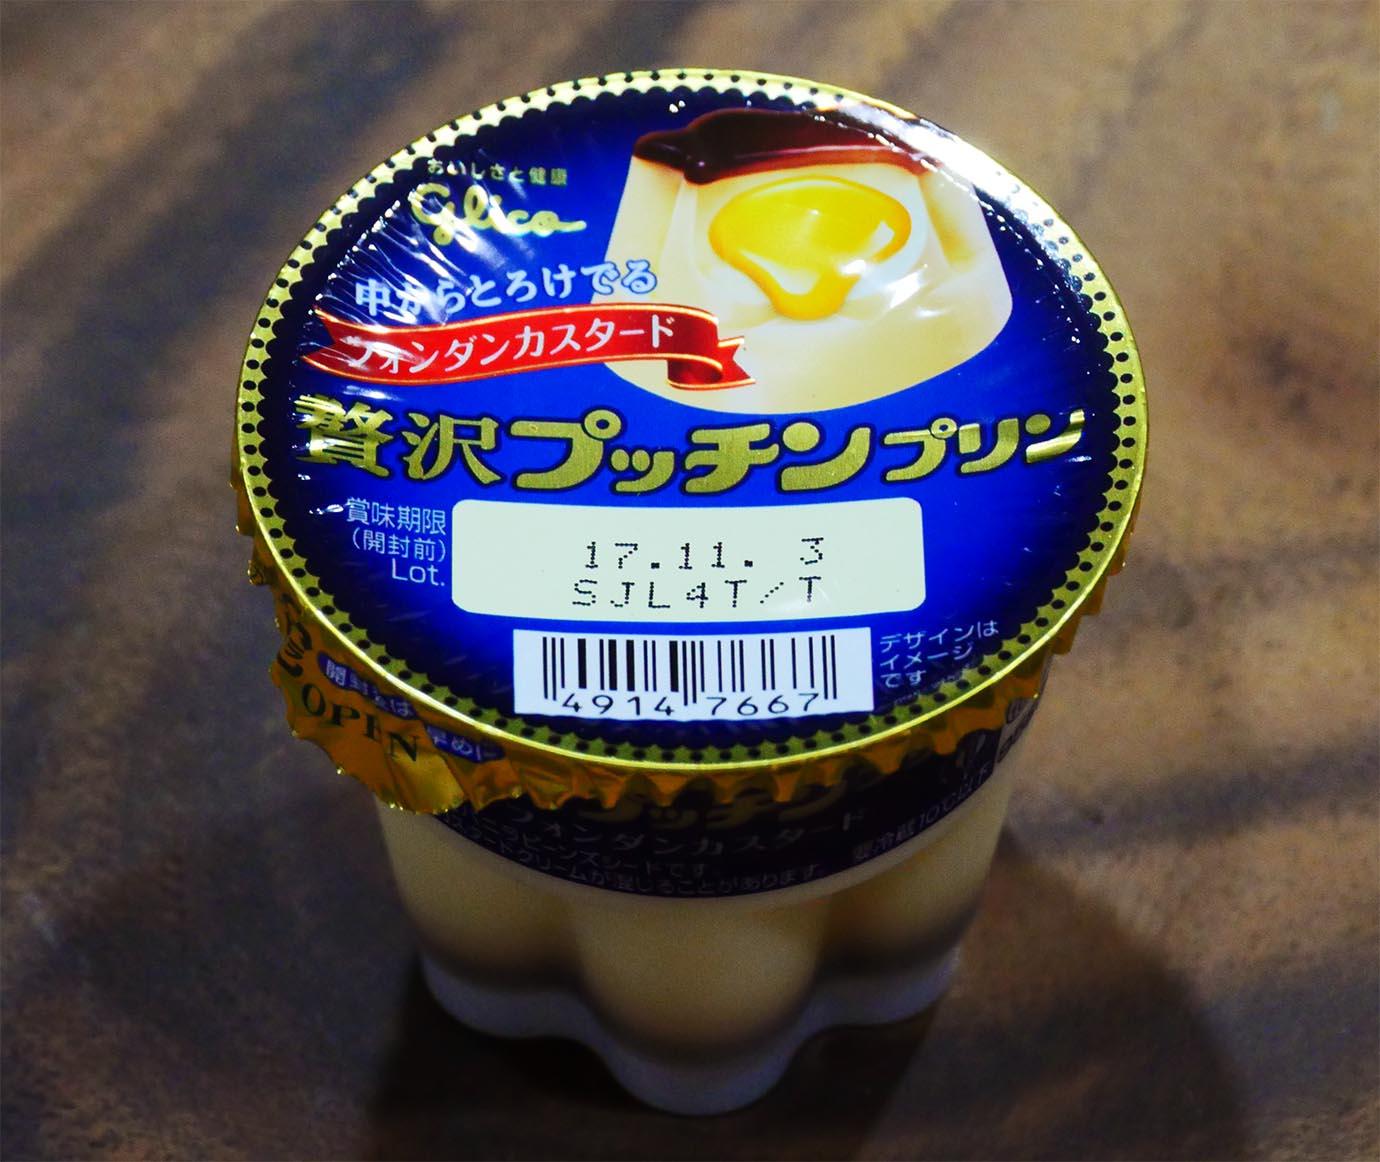 pucchin-pudding-zeitaku5